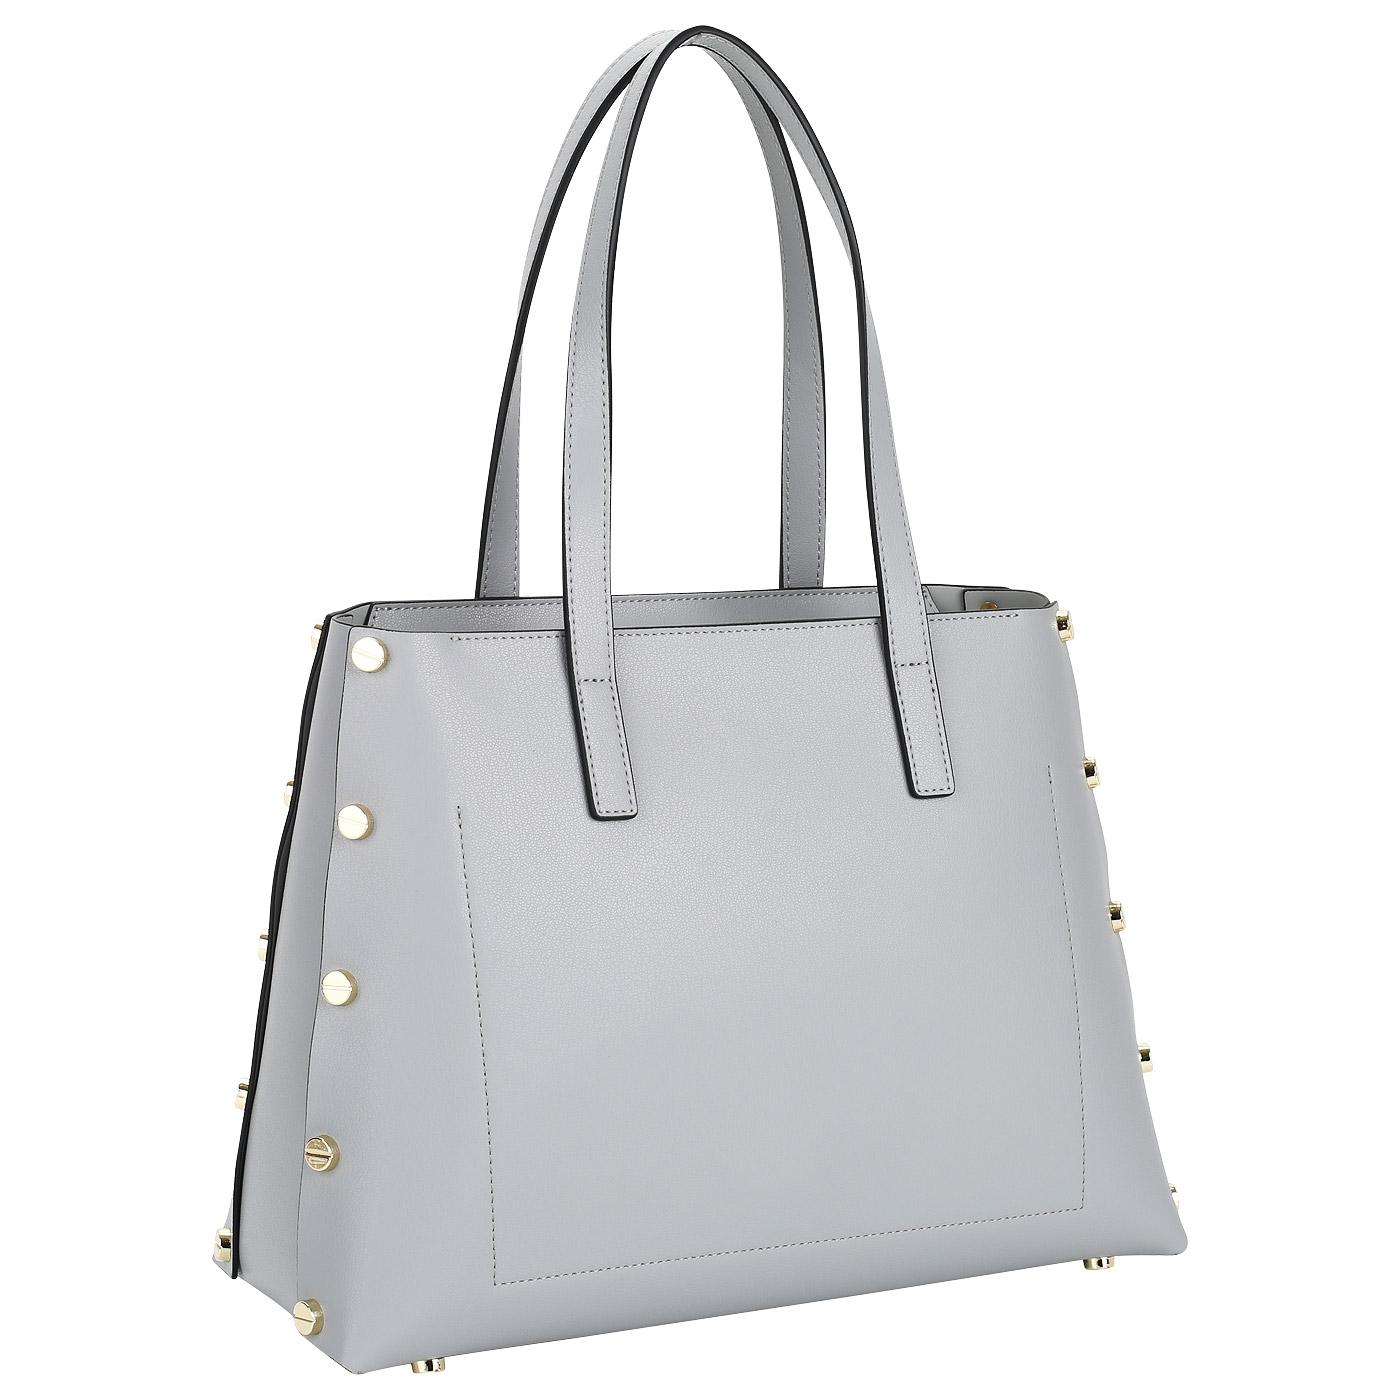 dcfcde161644 Женские сумки CERRUTI - каталог цен, где купить в интернет-магазинах ...